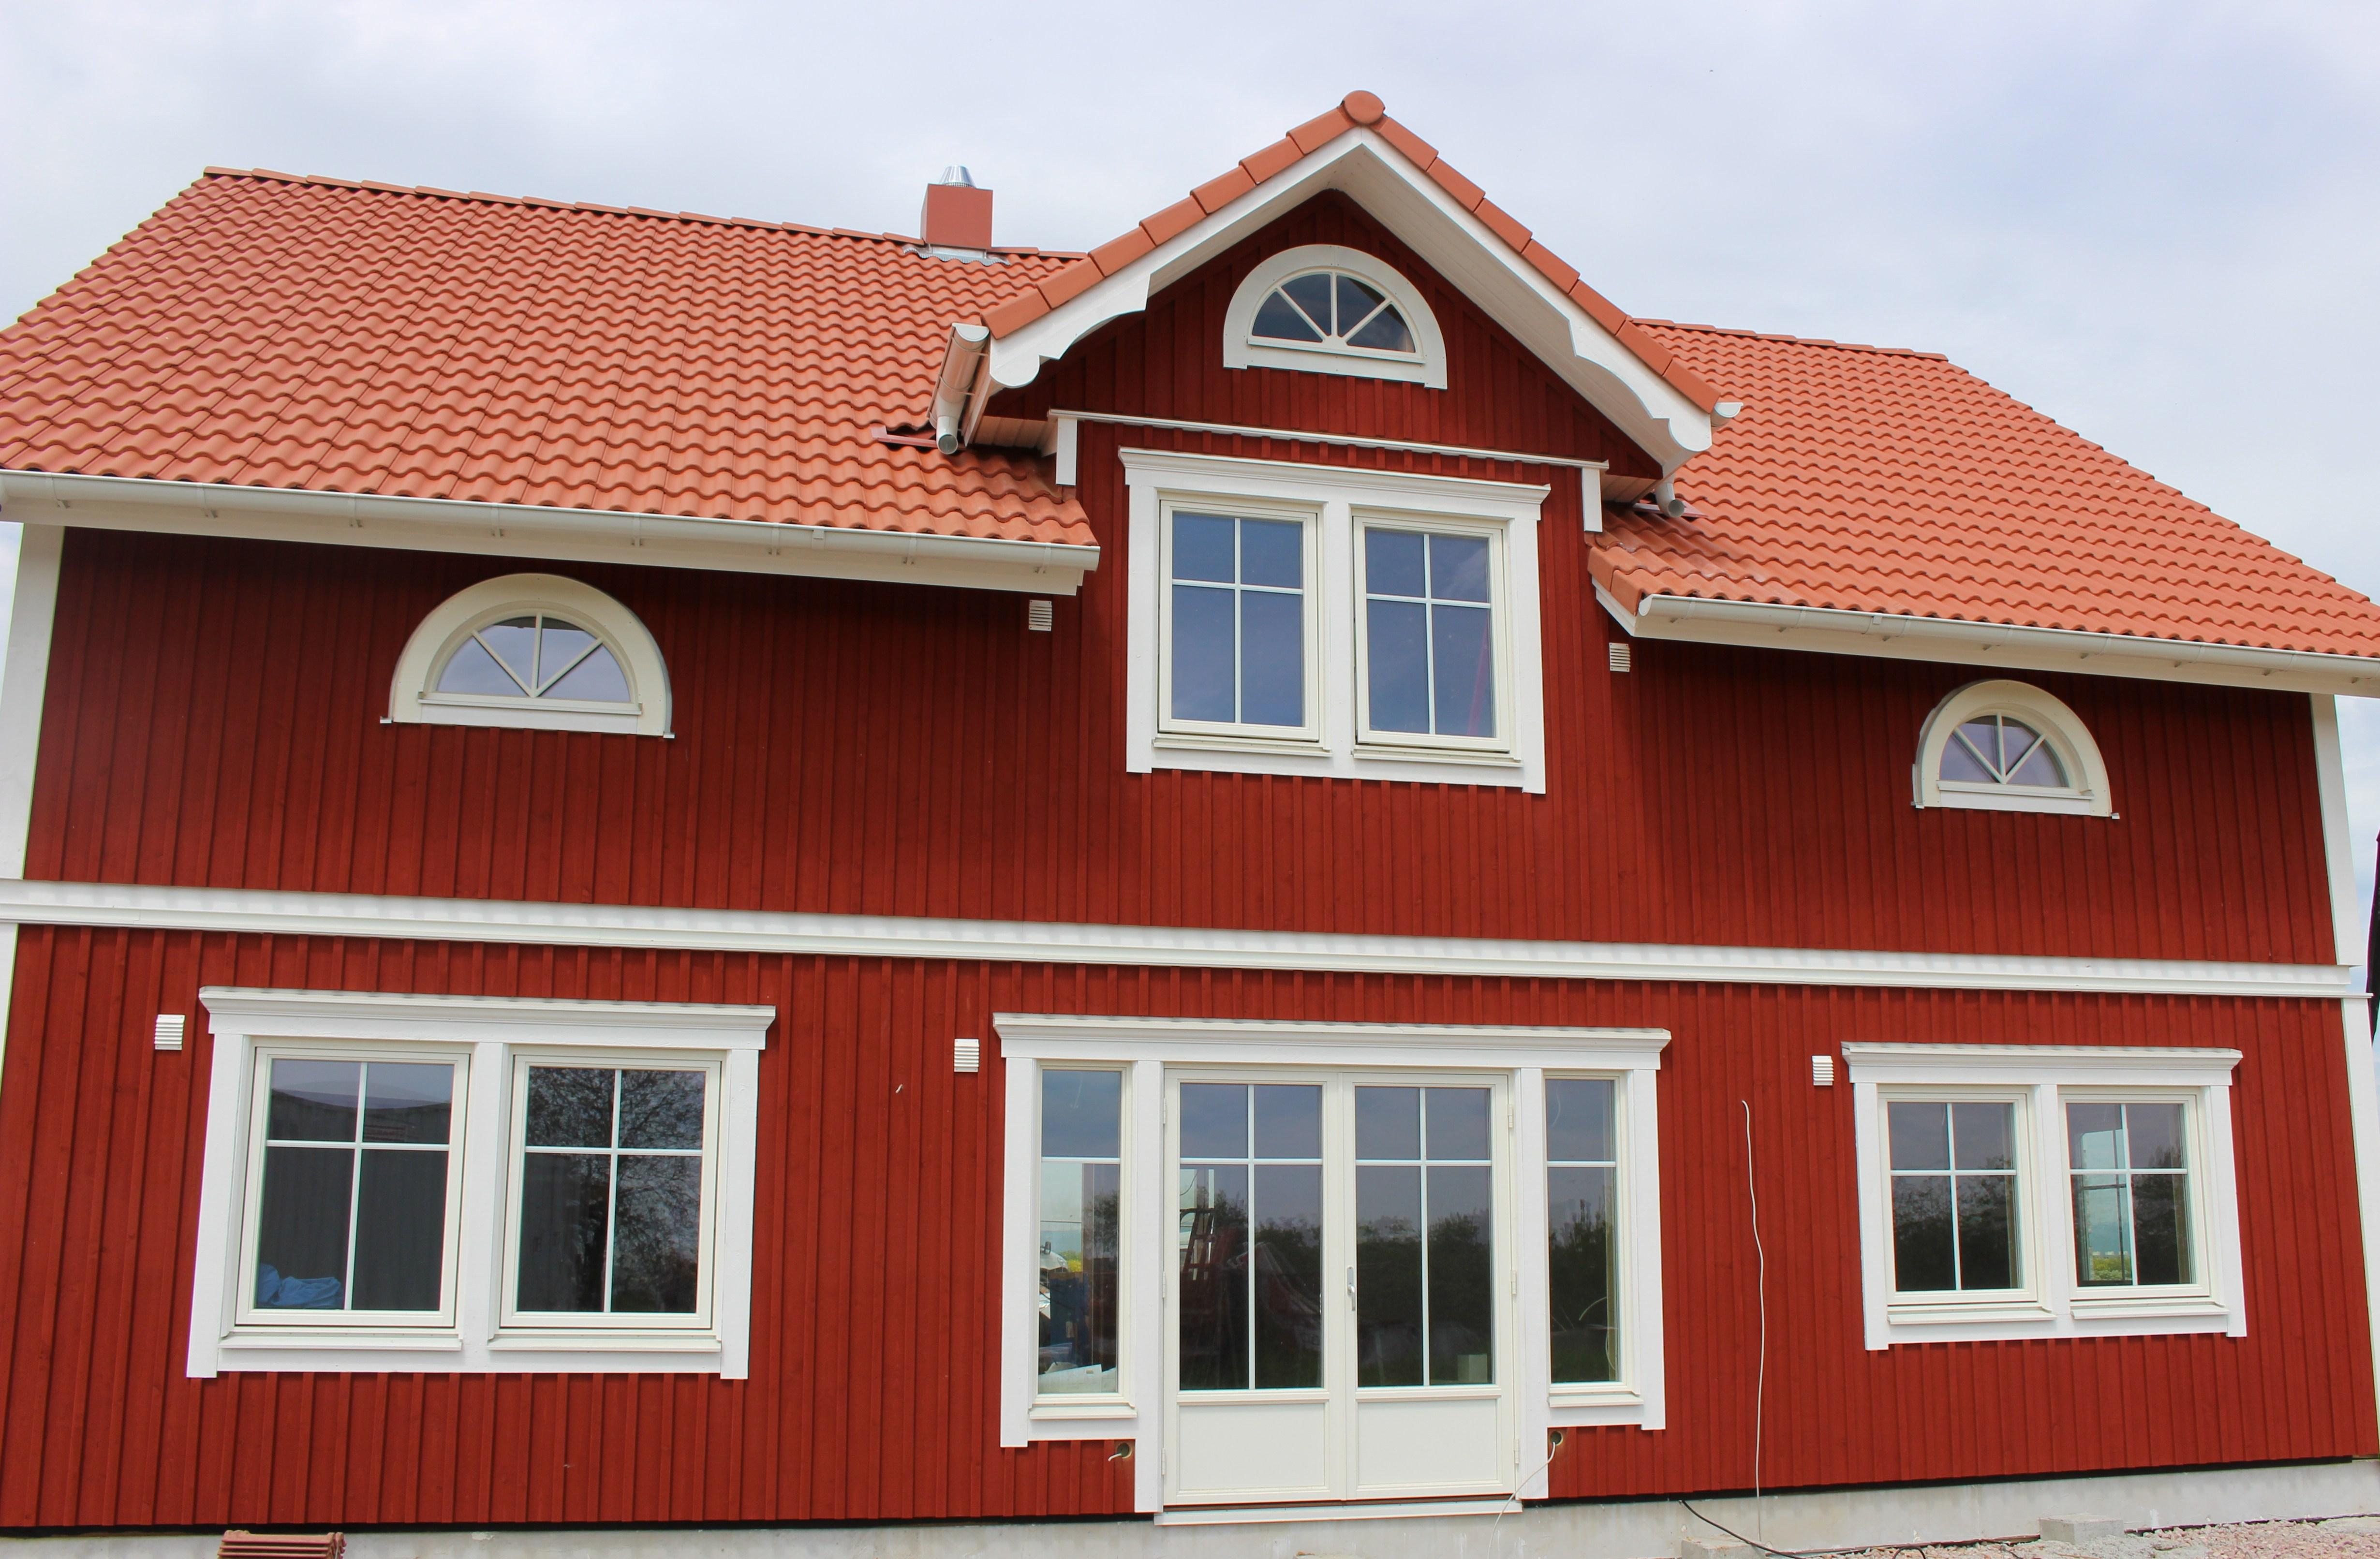 kleine lotta unser schwedenhaus sickerschacht. Black Bedroom Furniture Sets. Home Design Ideas